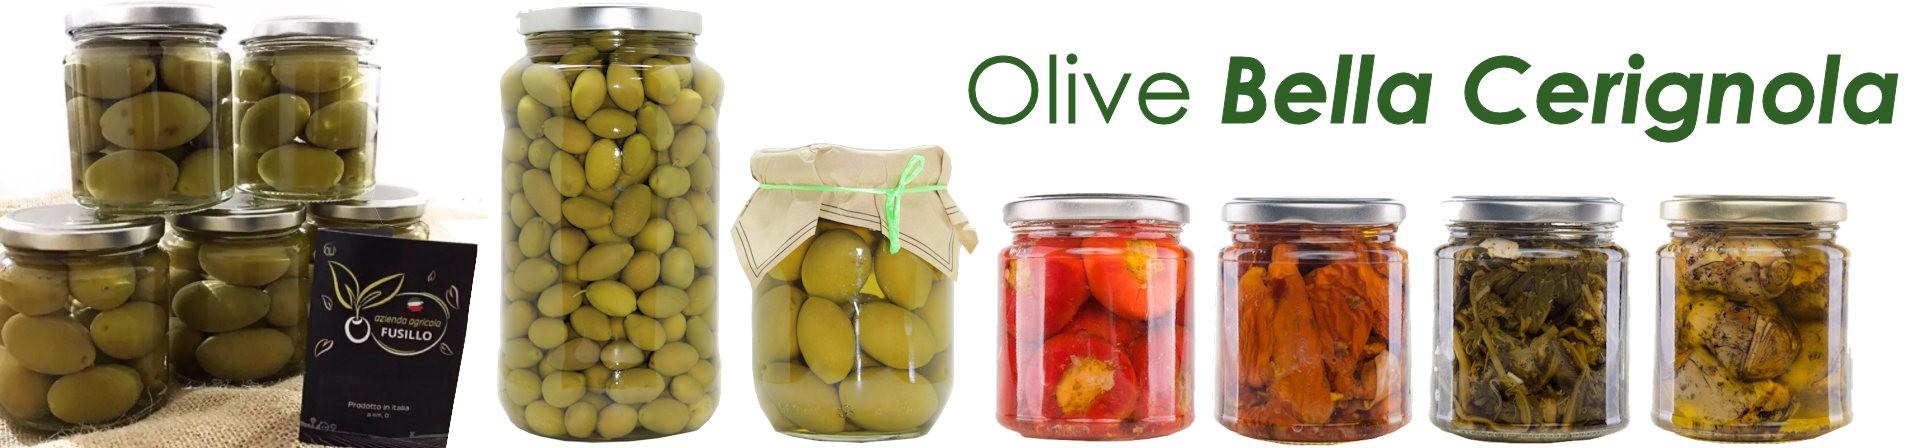 vendita online olive Bella Cerignola e sottoli - AGRICOLA FUSILLO